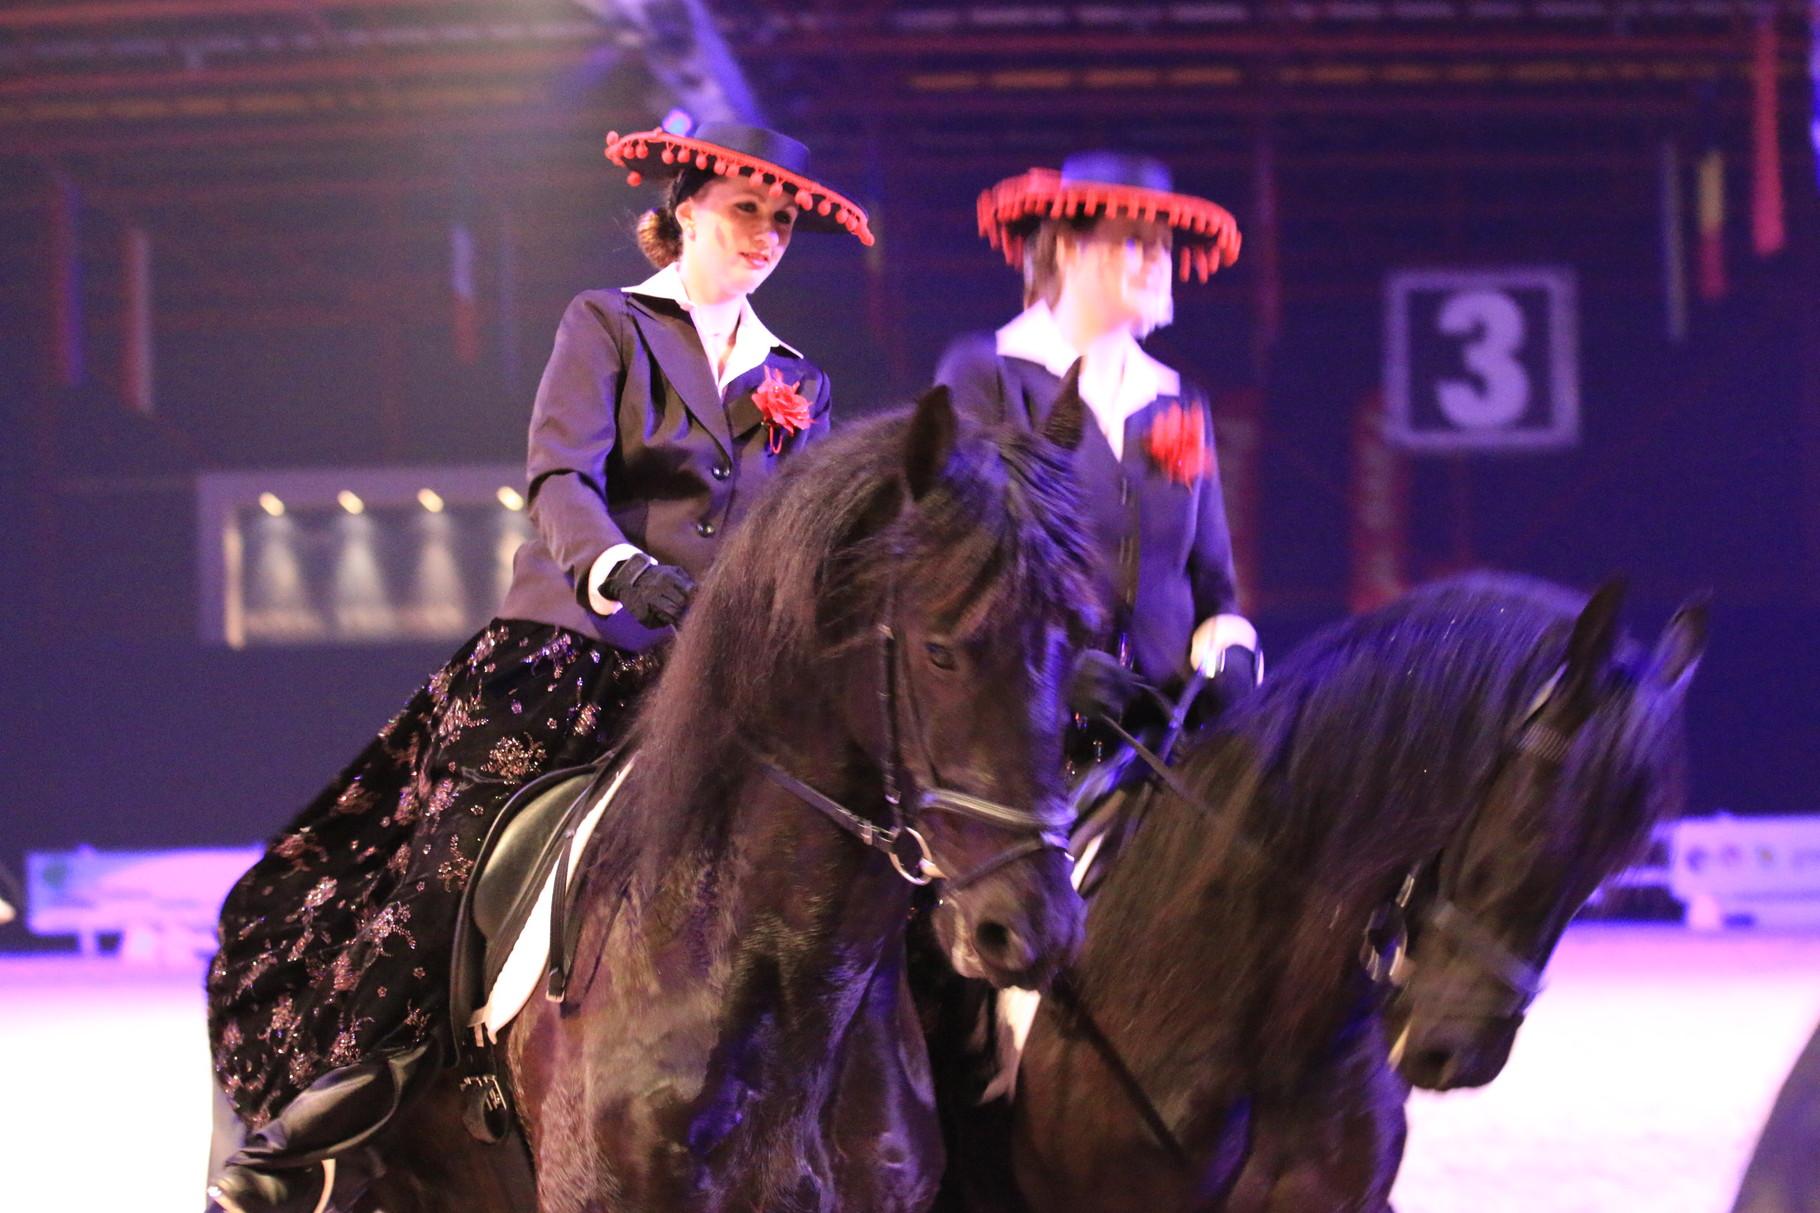 Theatershow met Erika Matterly voor de KFPS showavond Leeuwarden 2015